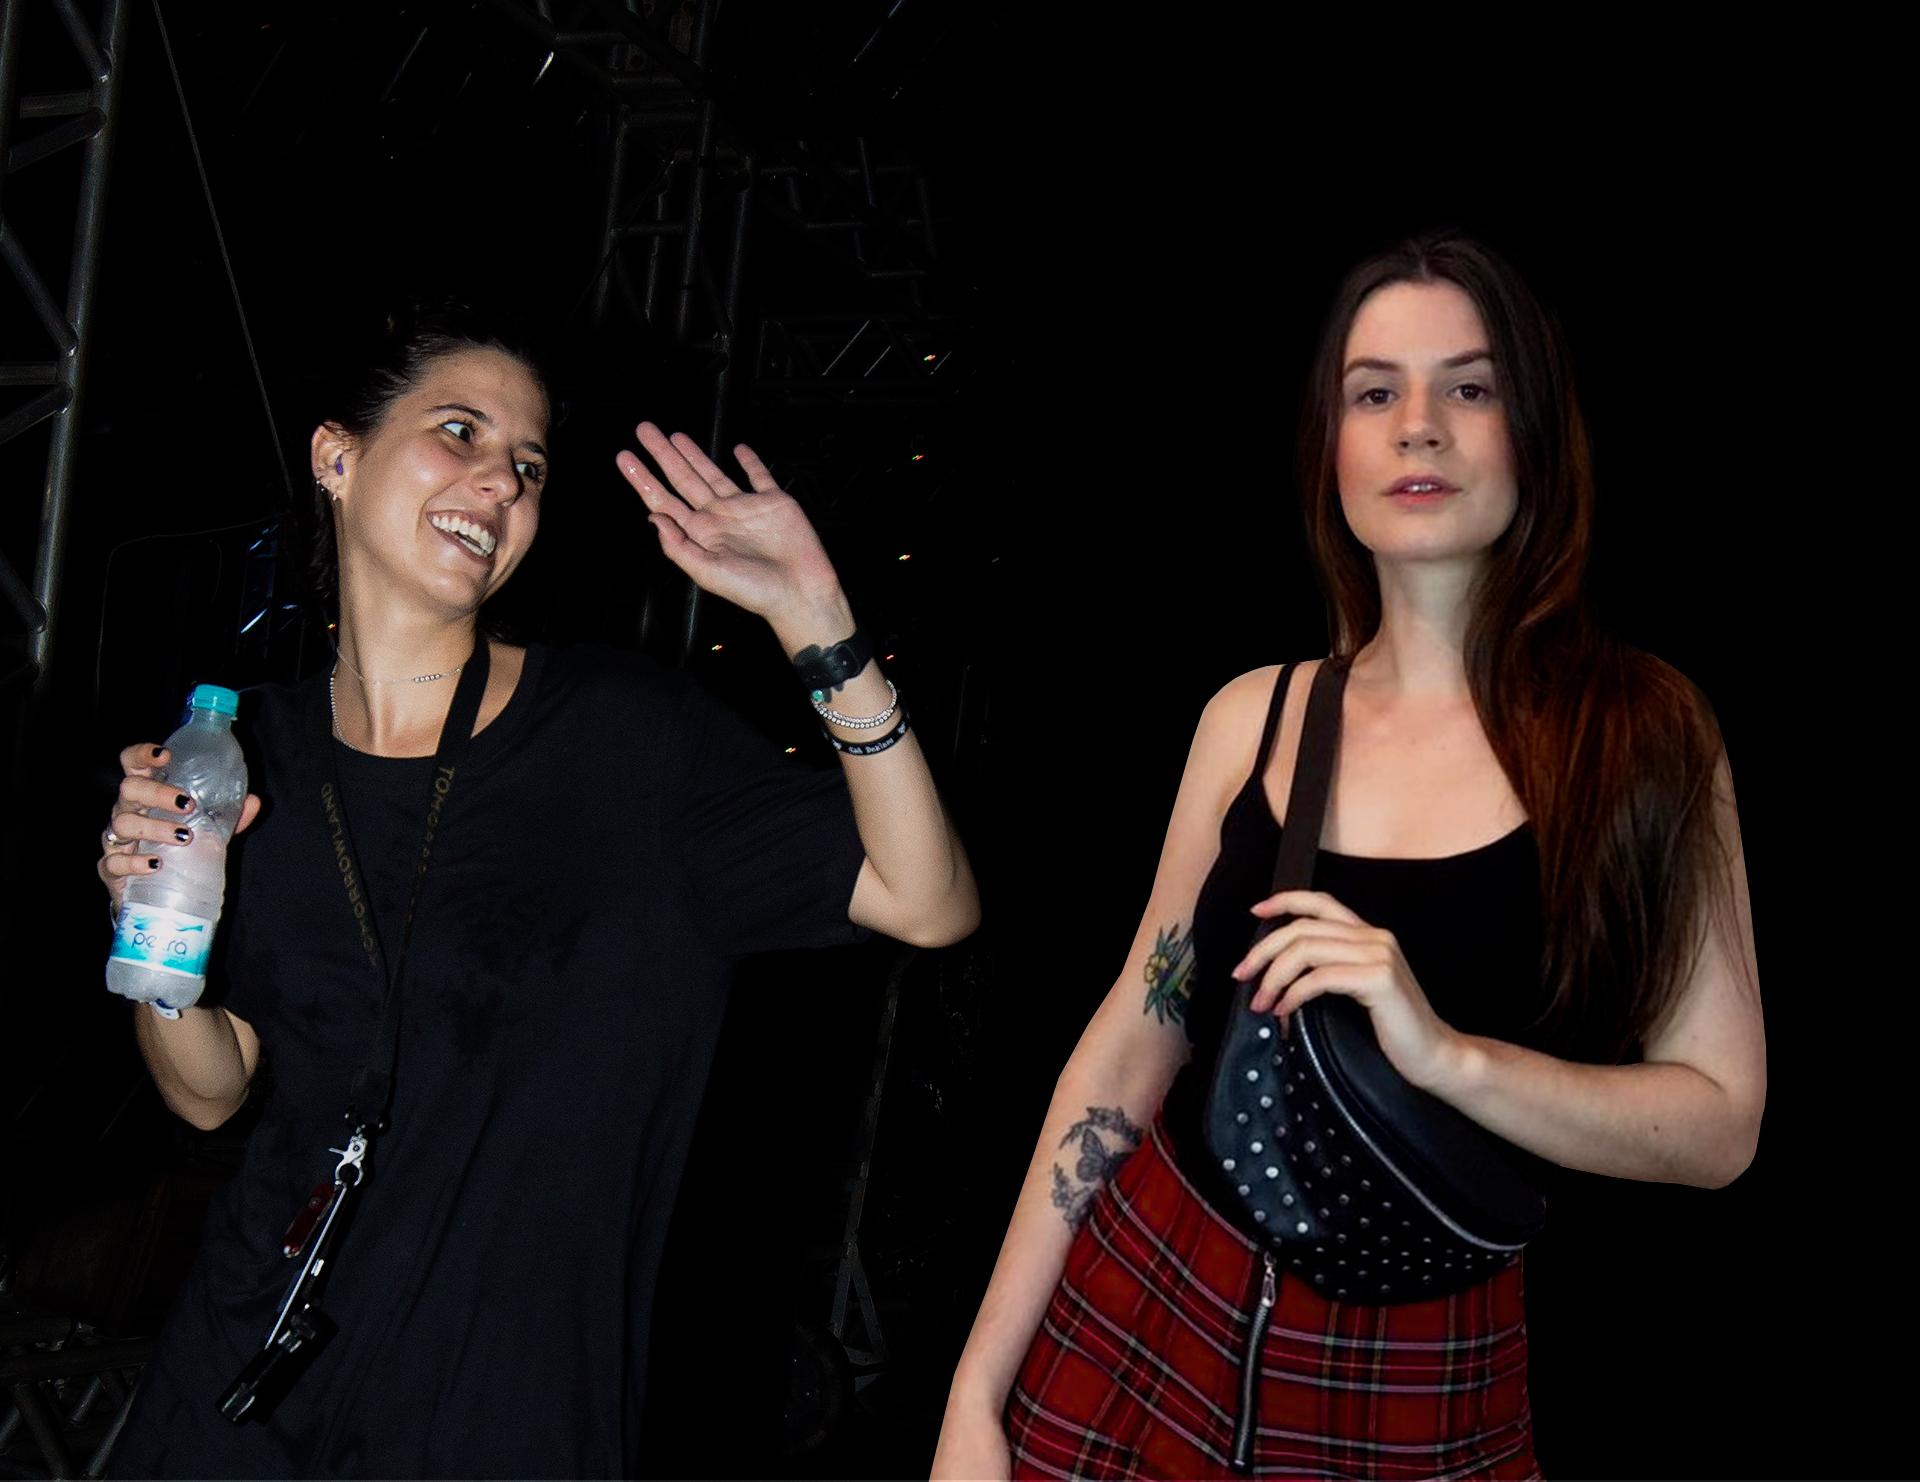 Off the stage O que é logística artística Fernanda Bueno e Juliana Sampaio explicam